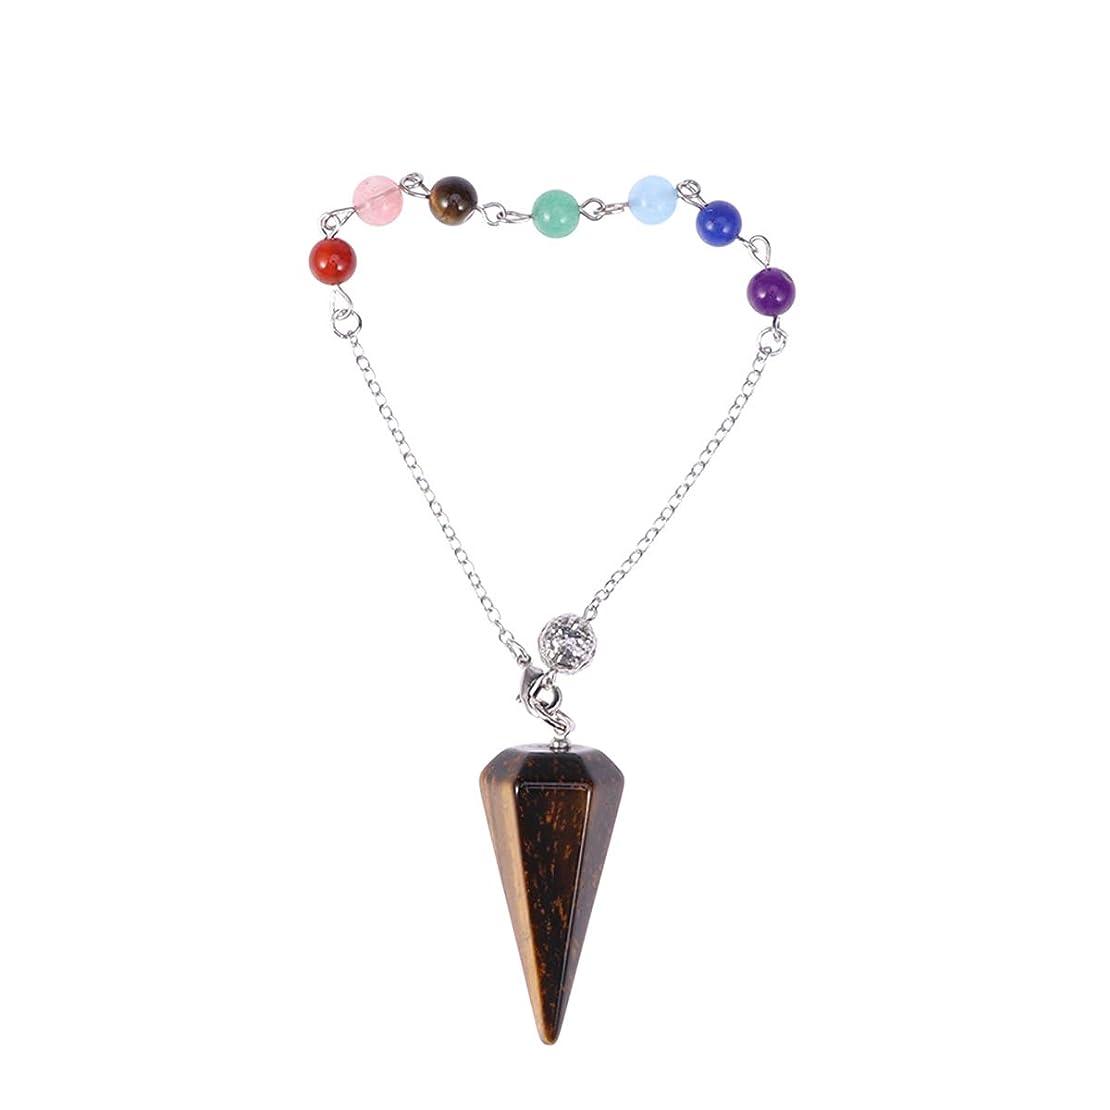 ラジウム話すリア王HEALIFTY 天然水晶六角形ペンダントチャクラチェーンペンダント(タイガーアイ宝石)